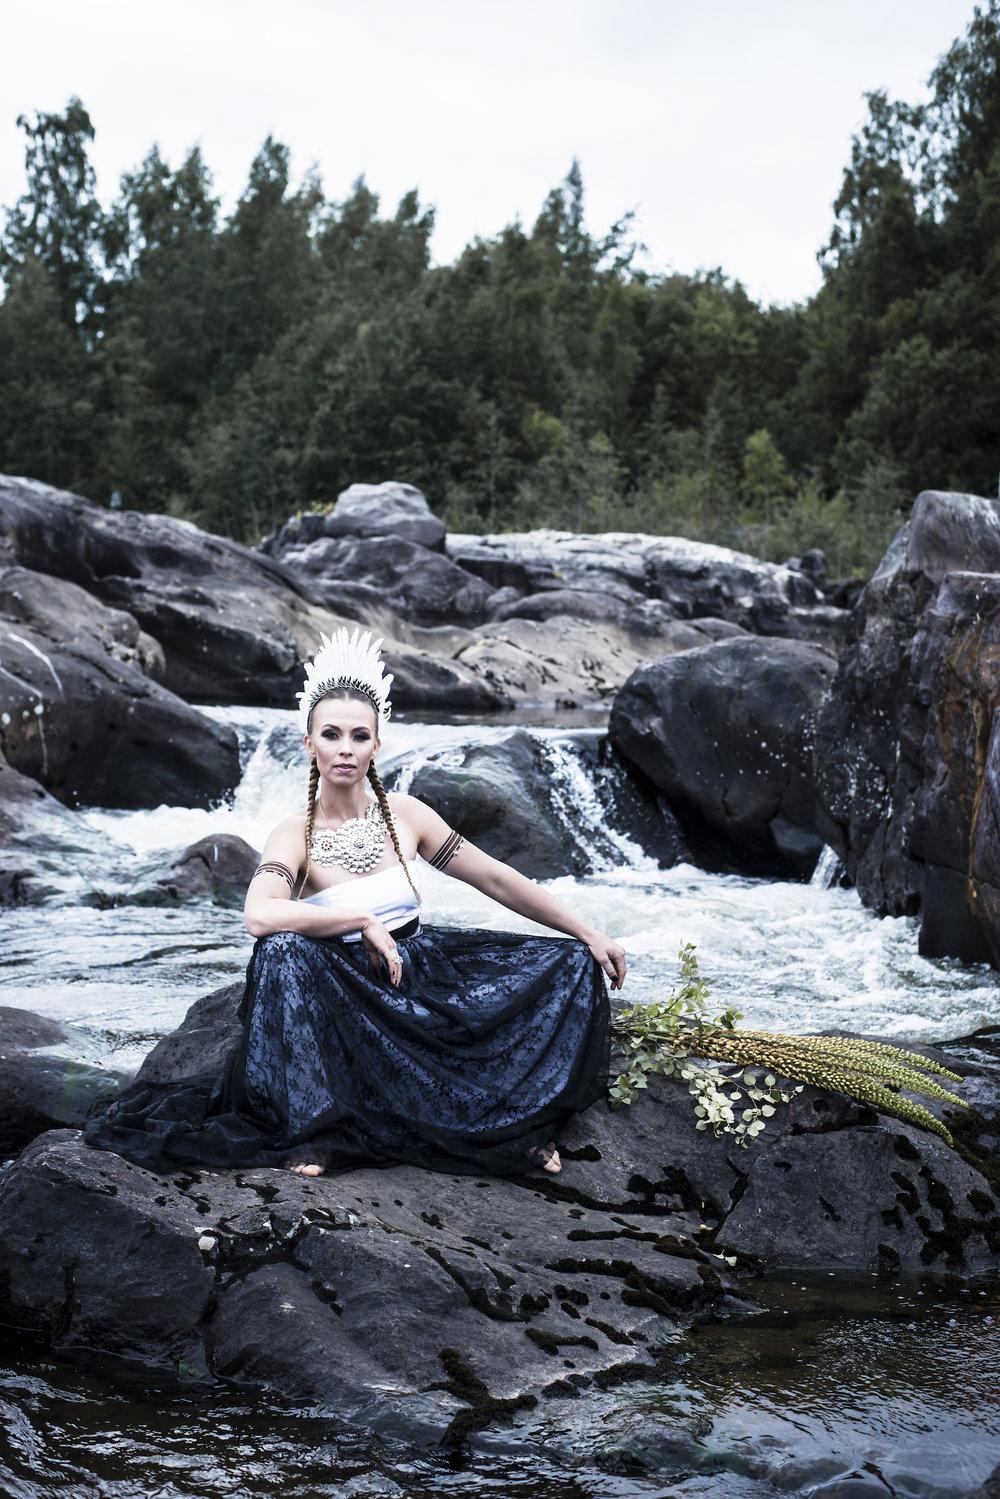 Fotograf:  Thea Holmqvist